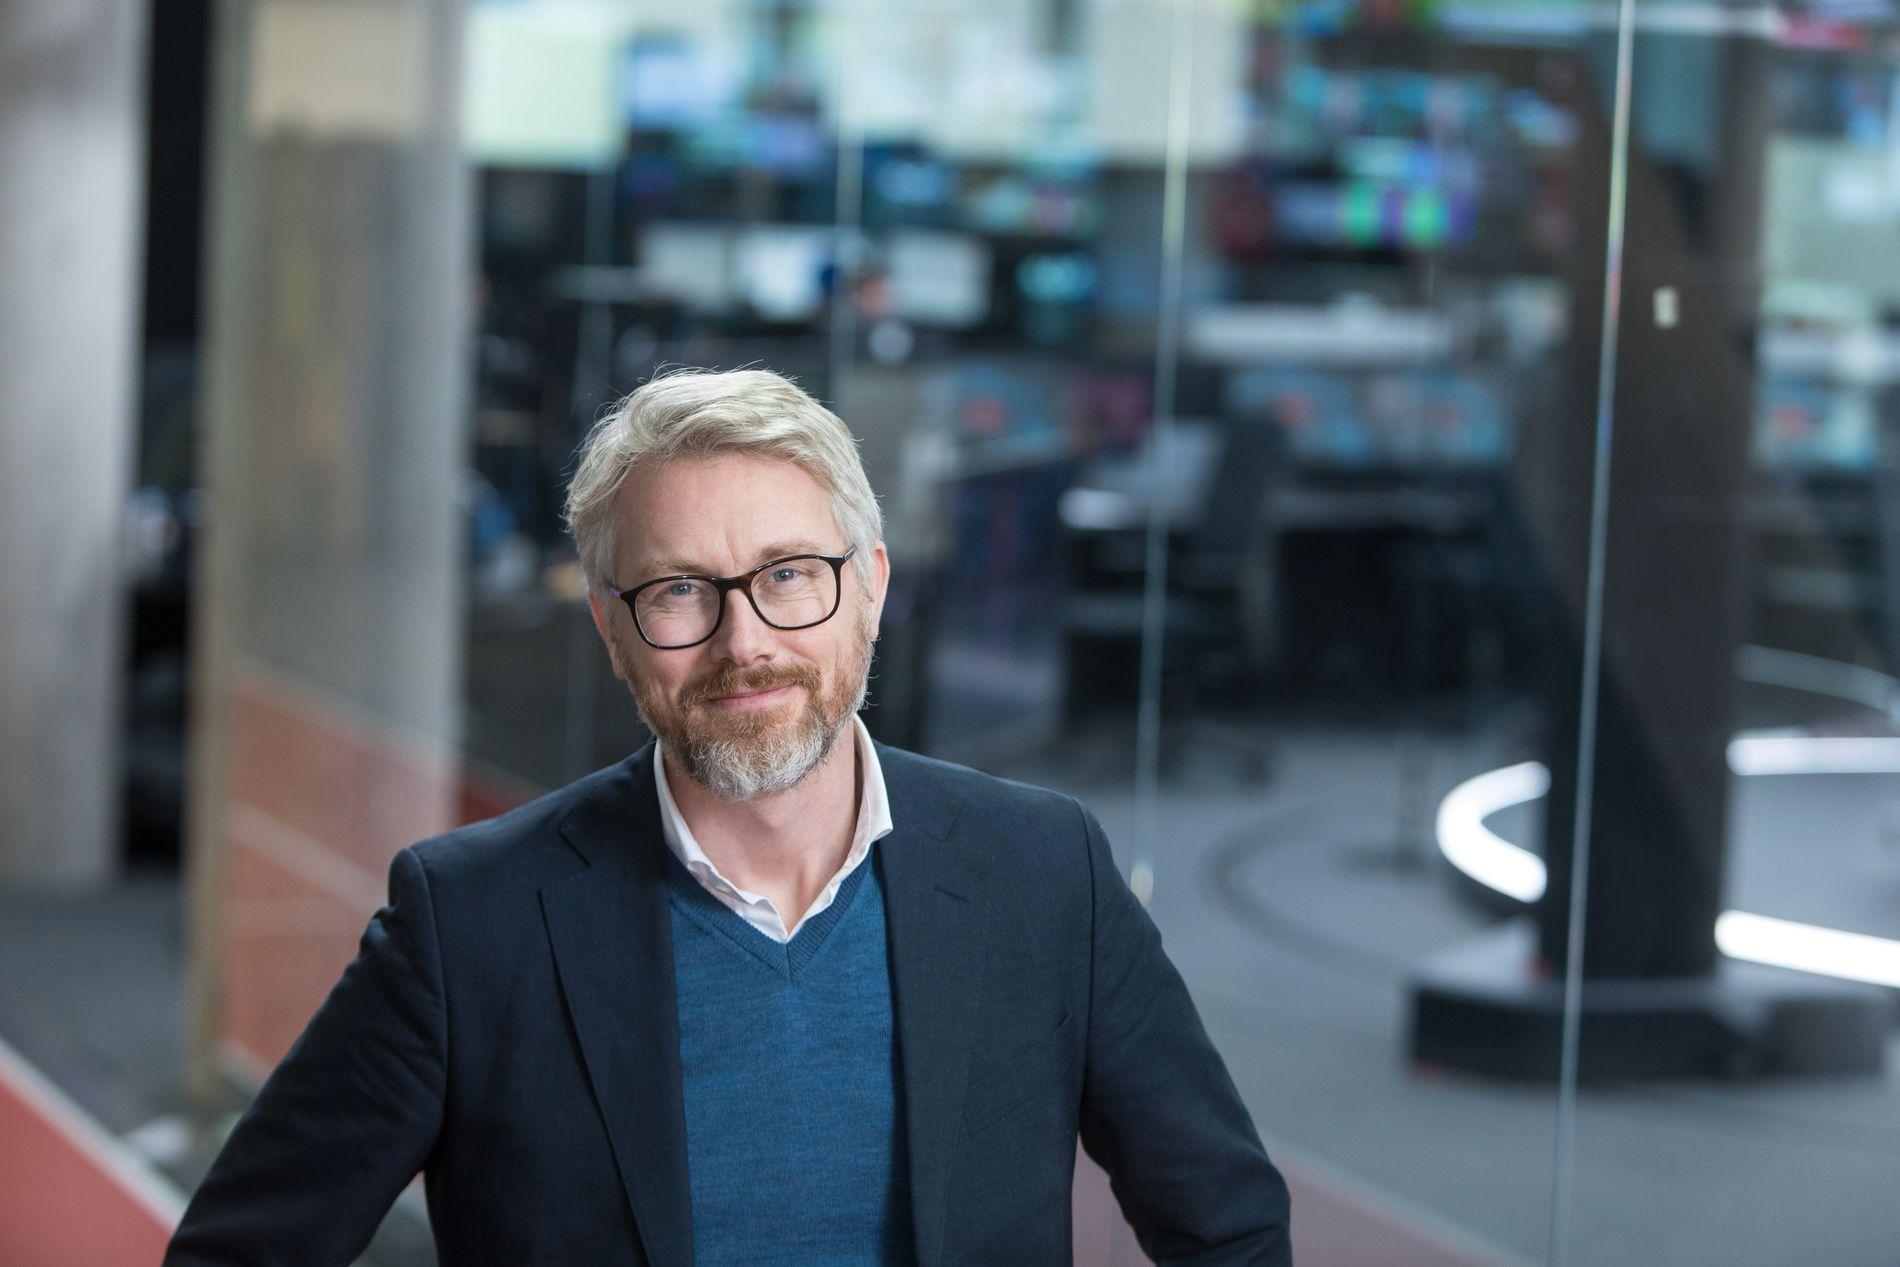 VIL HA MER PENGER: TV 2-sjef Olav T. Sandnes bruker prisen på en kroneis som et bilde på hvor mye mer vil kanalen vil ha betalt fra Canal Digital